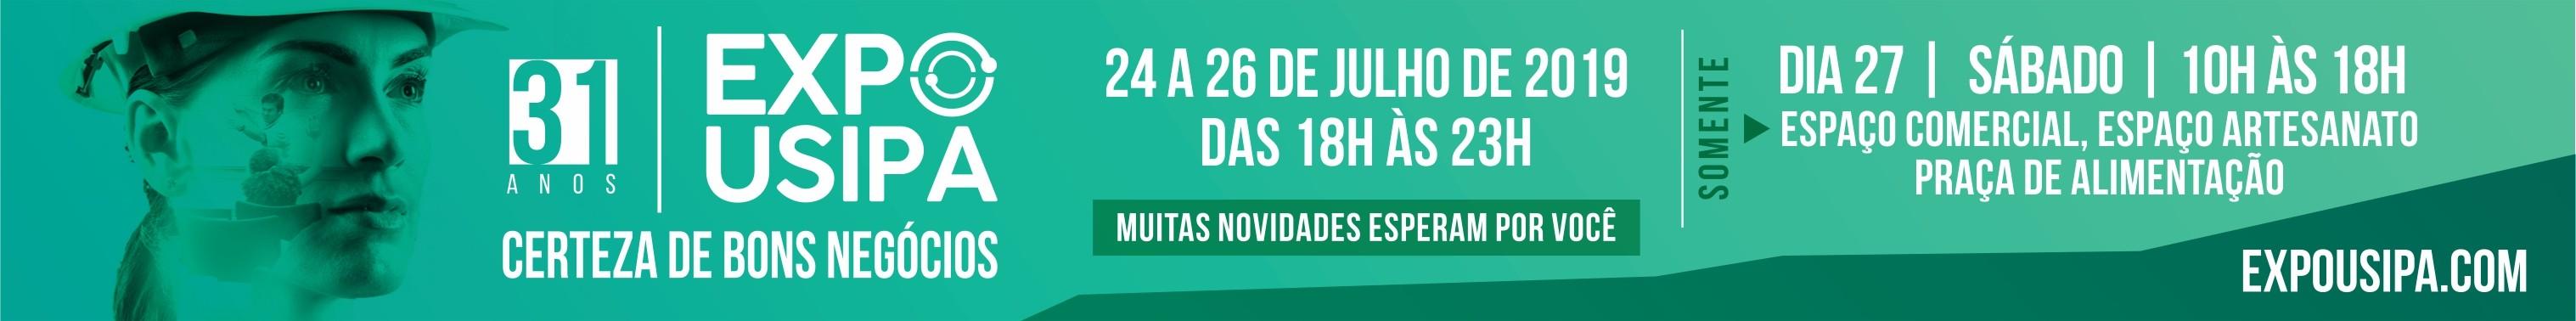 Expo Usipa 31 Anos